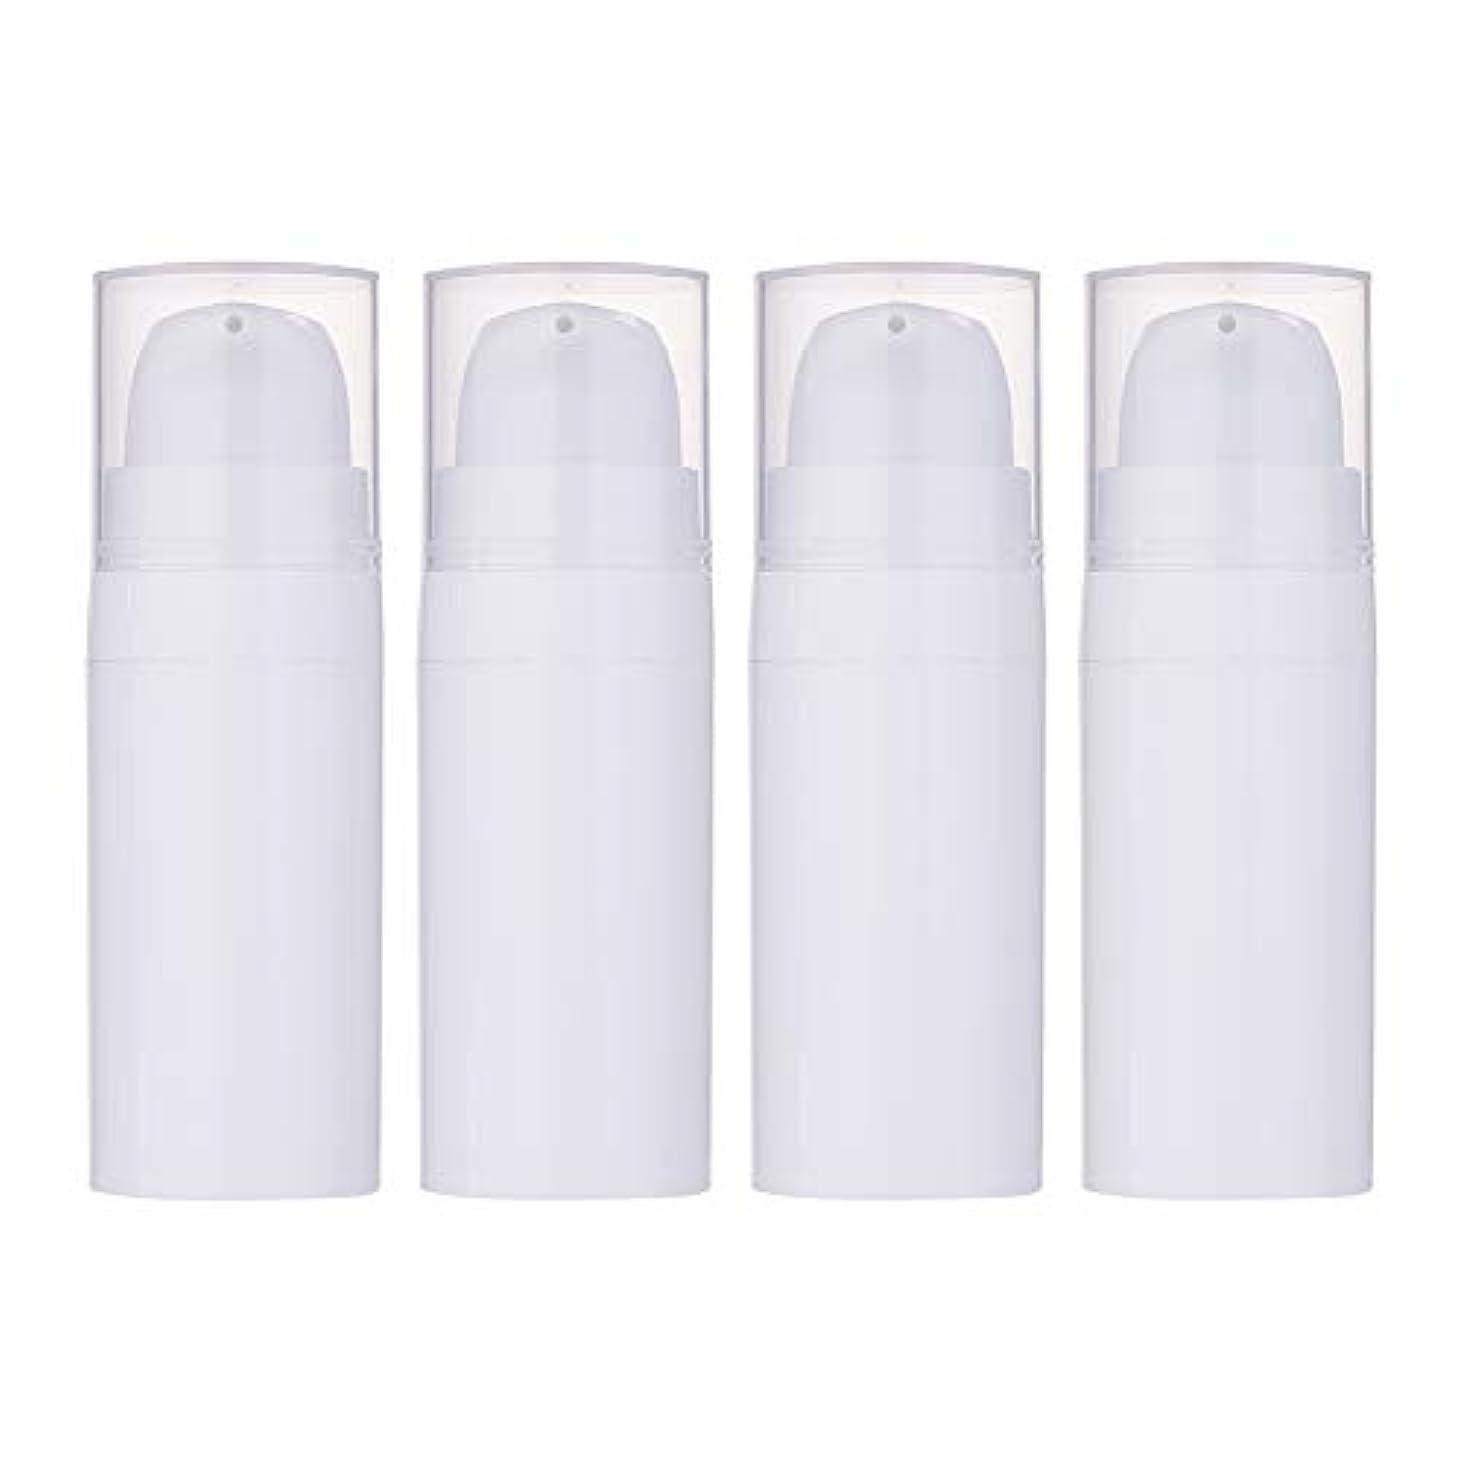 珍しい美徳小売BENECREAT 10個セット10ml真空ポンプボトル 空ボトル クリーム 化粧水ボトル 化粧品小分けボトル 詰め替えボトル トラベル 白色